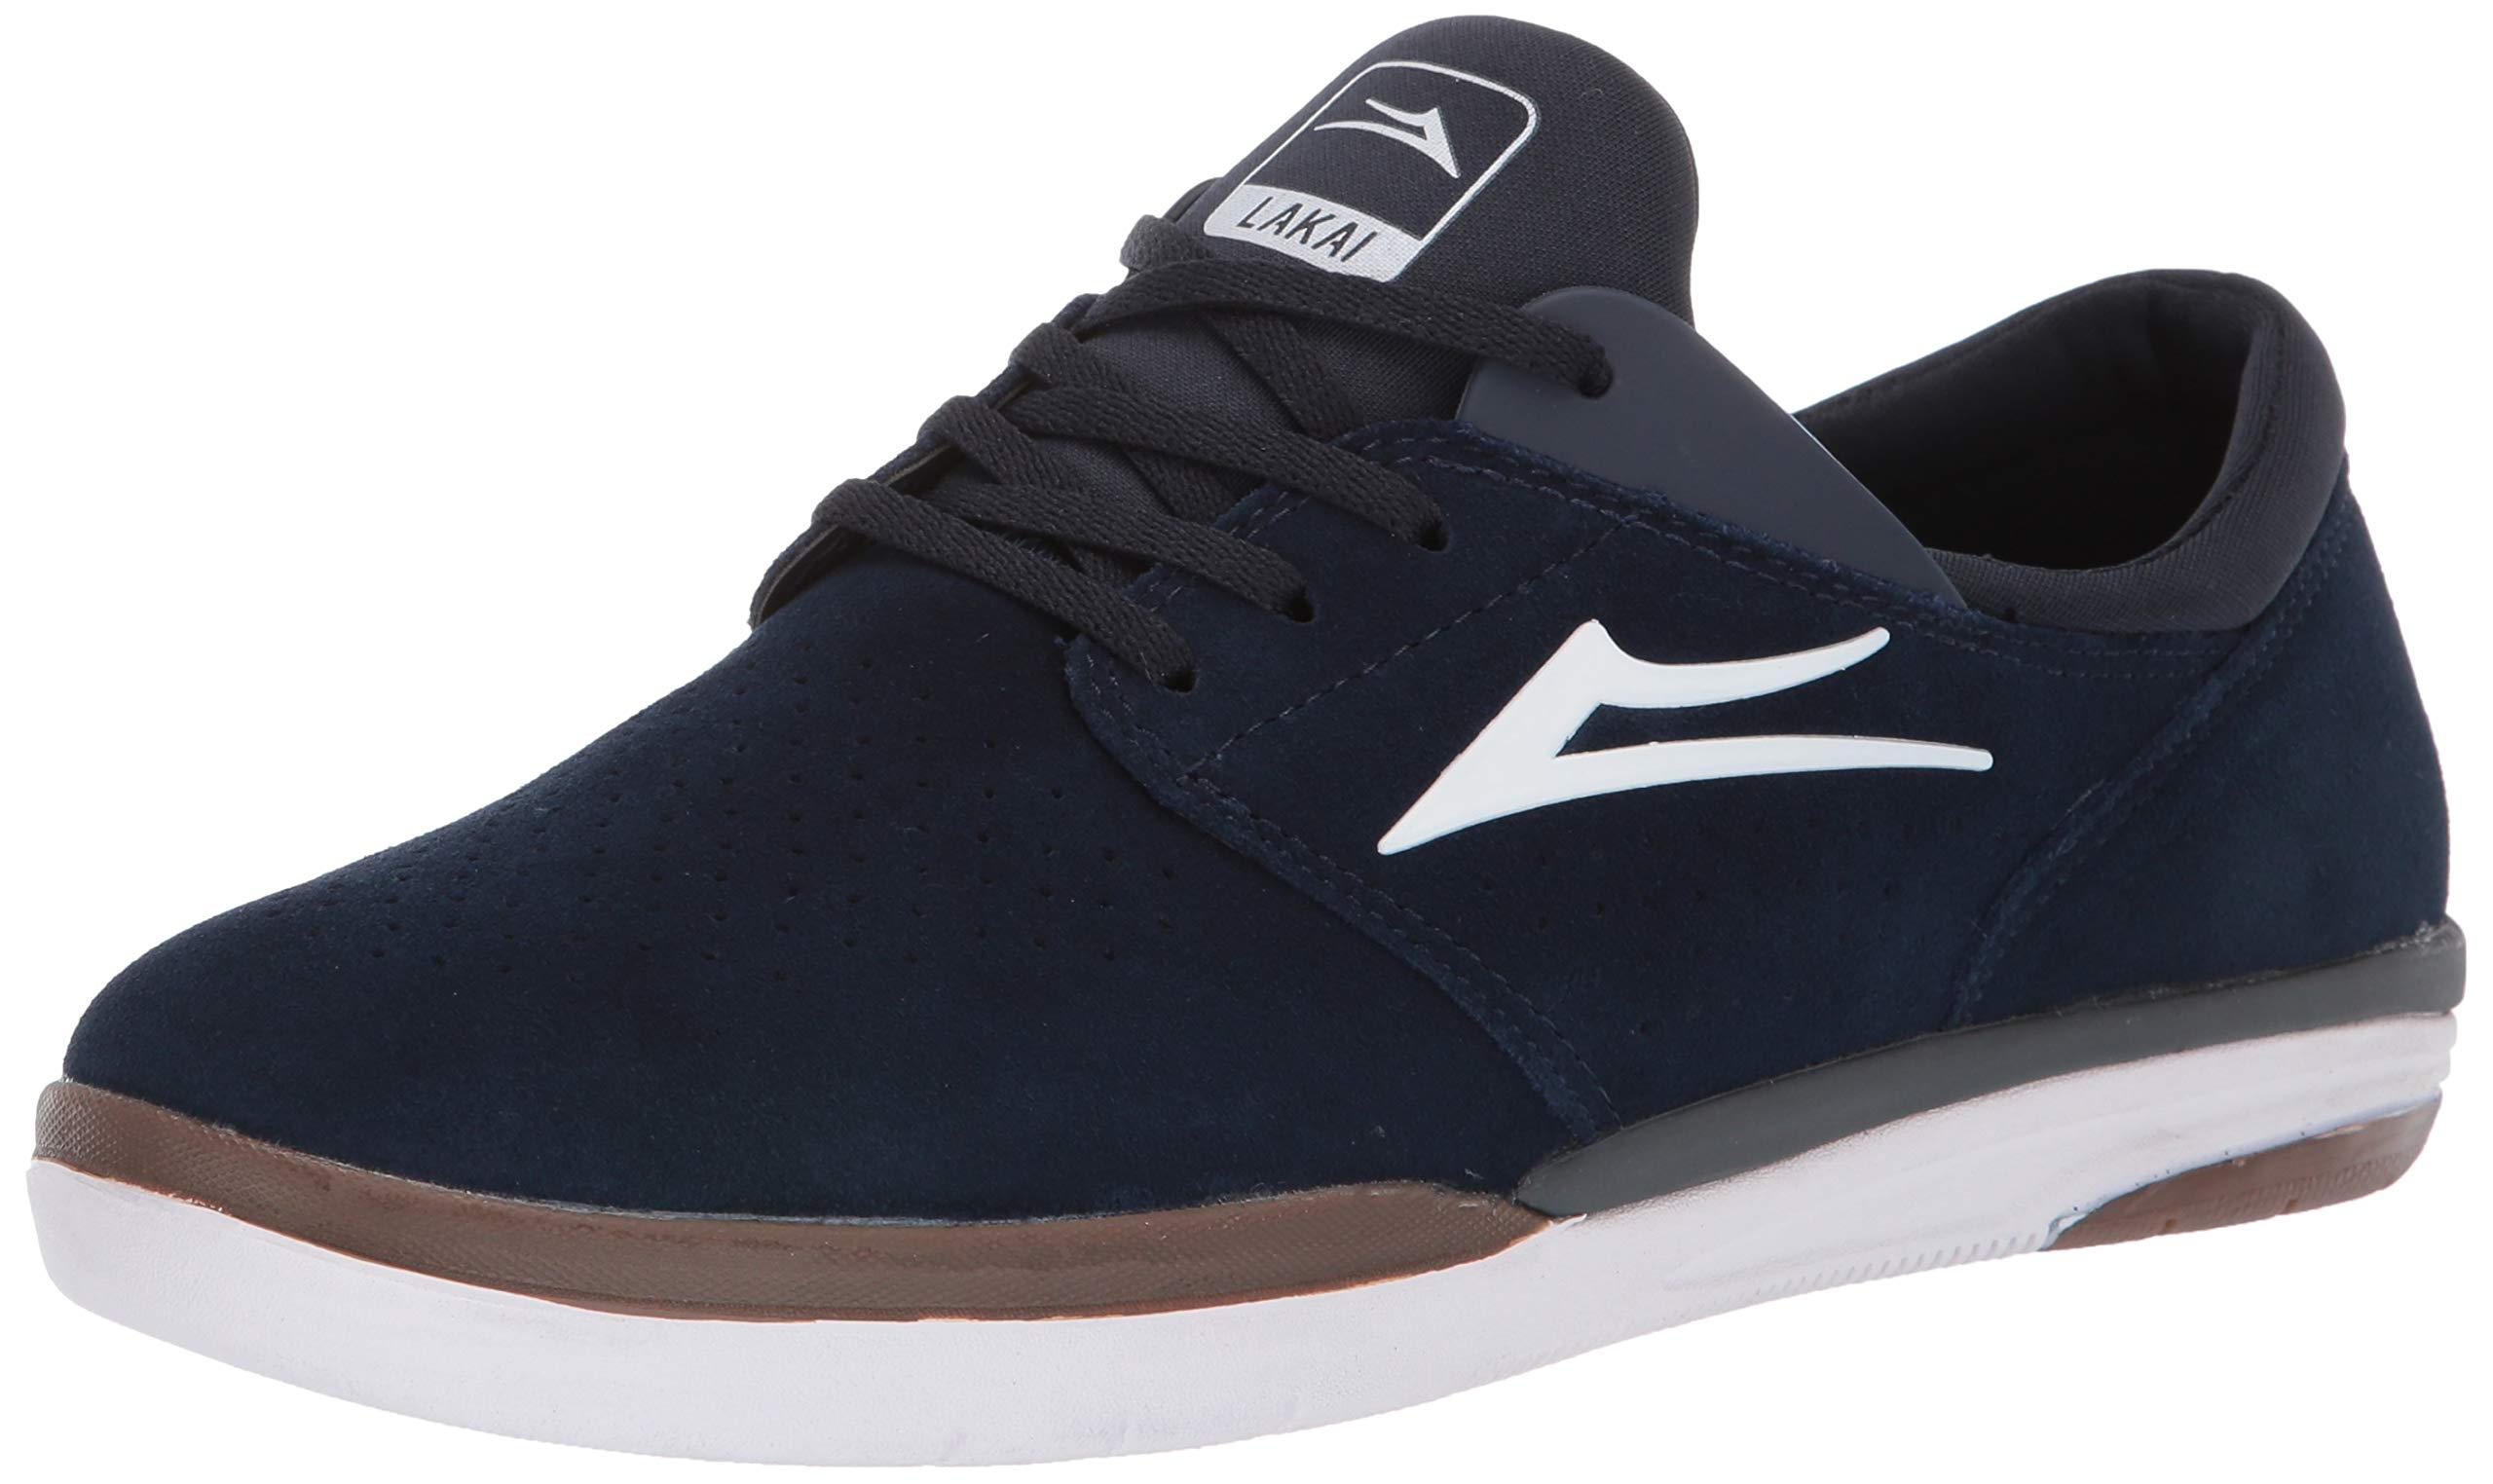 Lakai Footwear Fremont Navy SUEDESize 8.5 Tennis Shoe Suede, Standard US Width US by Lakai